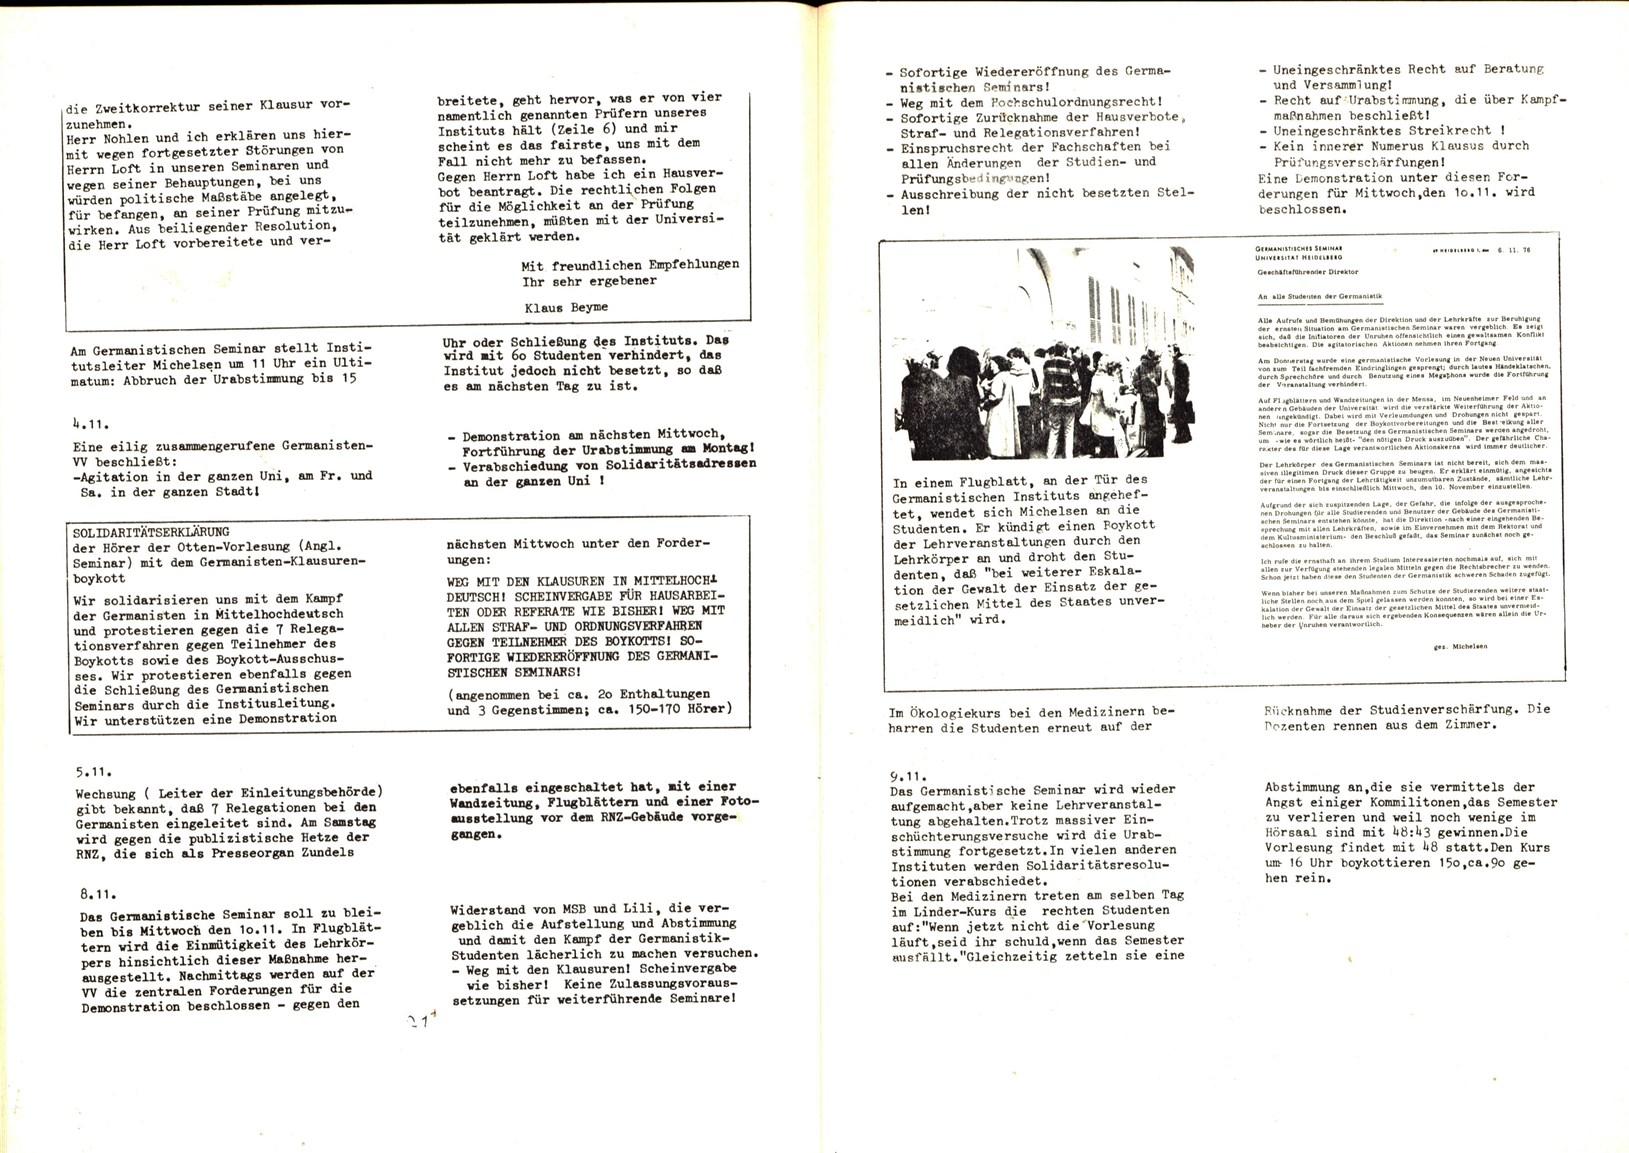 Heidelberg_KHG_1977_Chronik_WS_1976_77_12